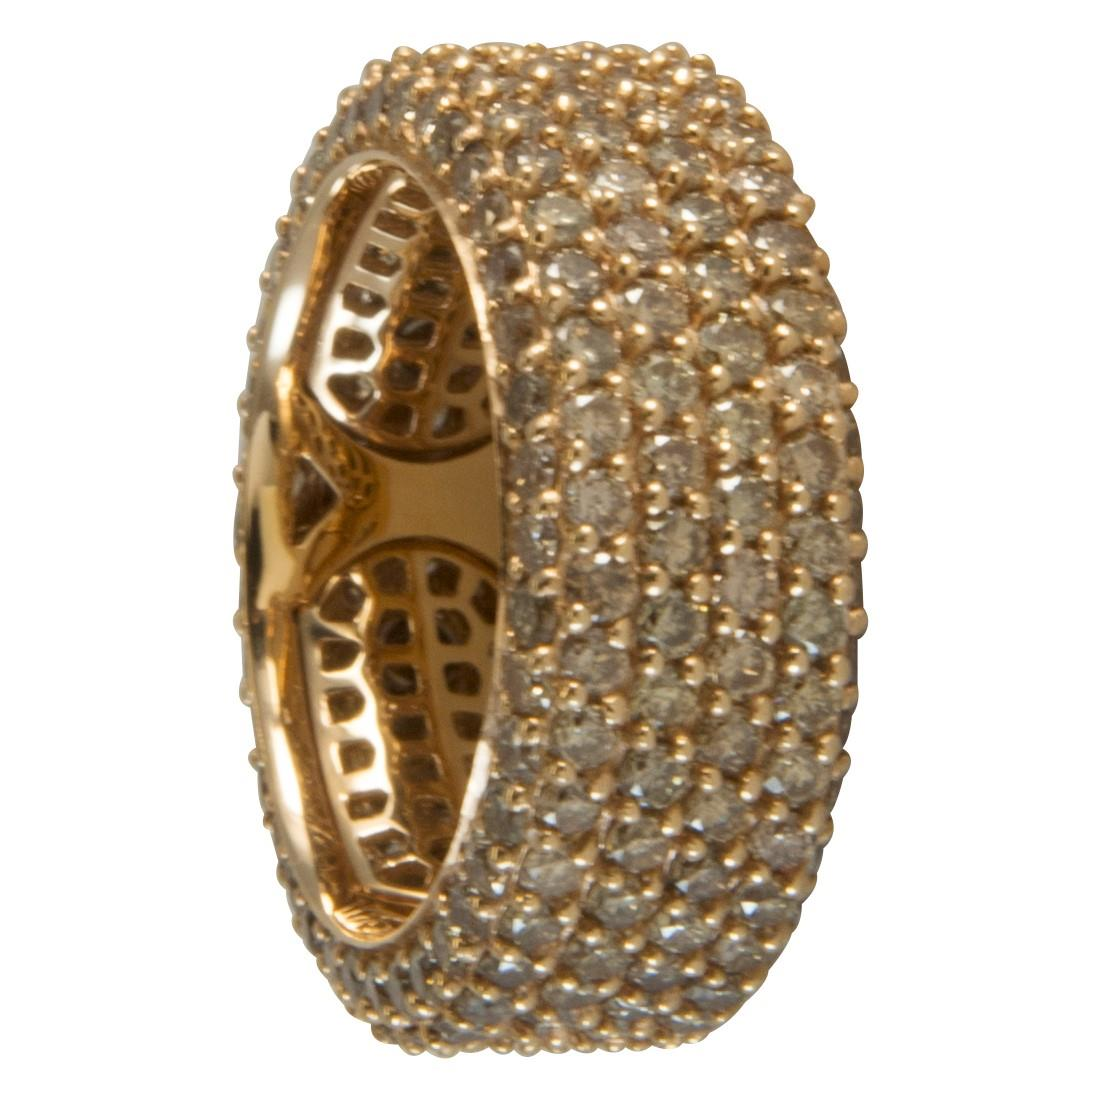 Anello  in oro 18kt con diamanti brown ct 4.10 - ALFIERI ST JOHN